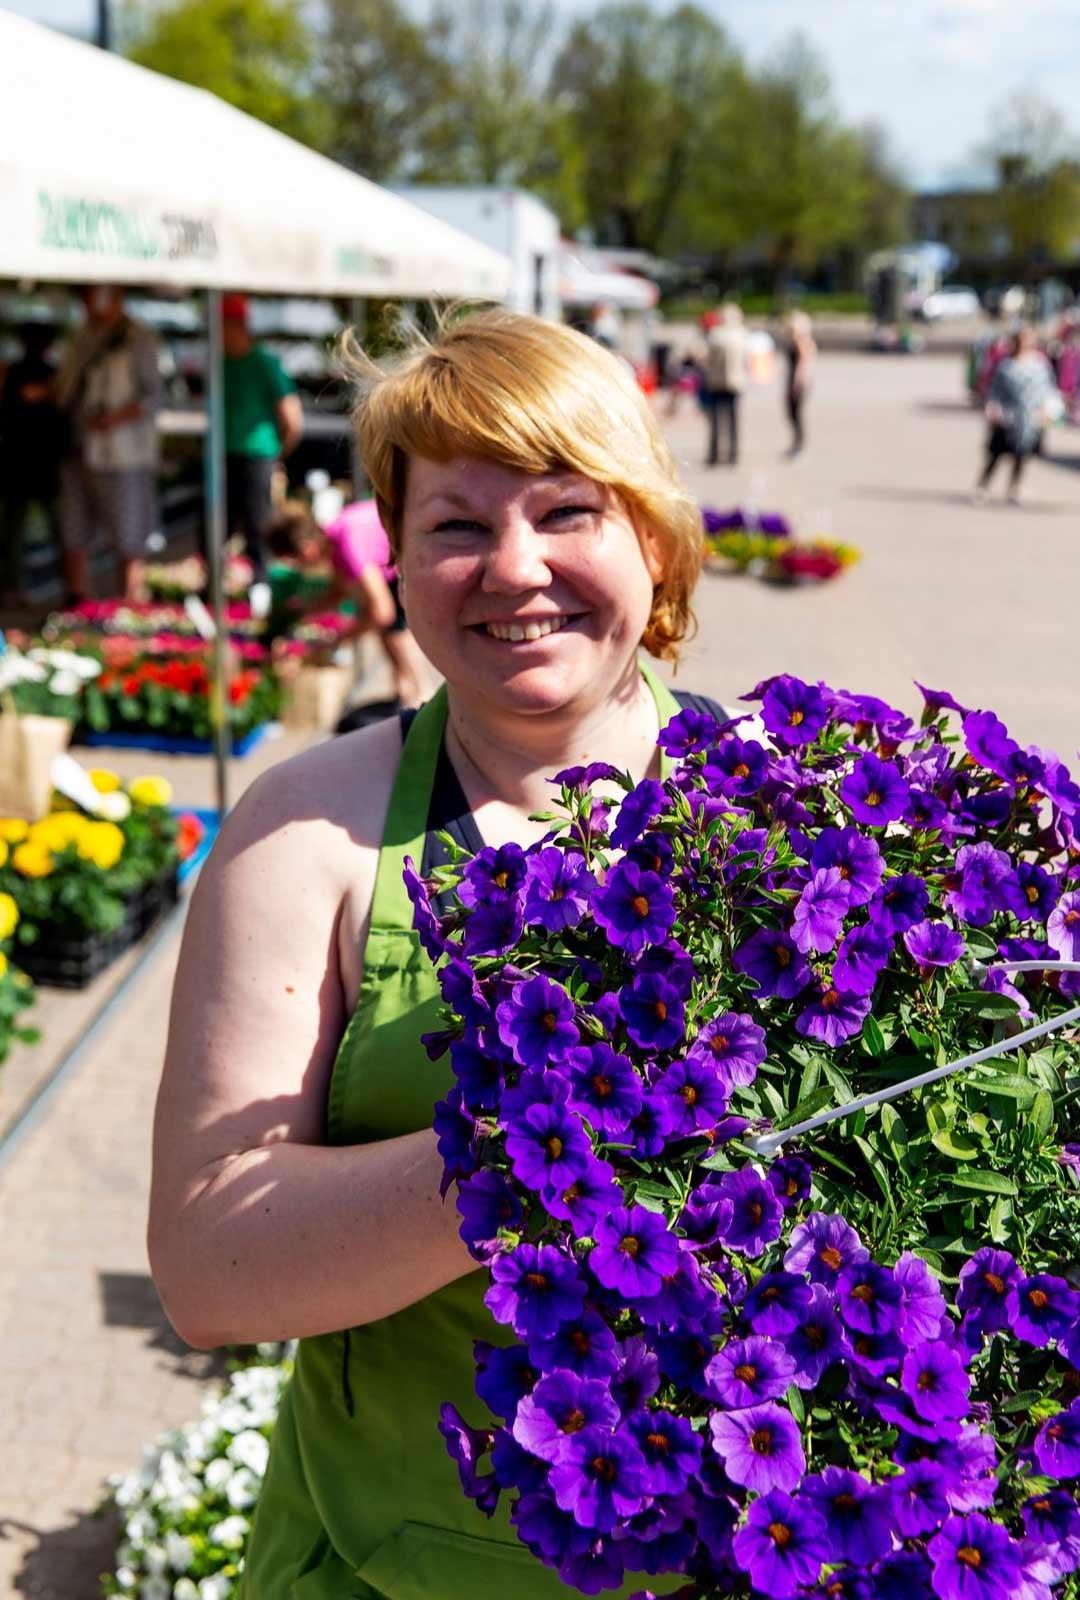 Tepposen taimimyymälän Heidi Porkka tietää kokemuksesta, että suosituimpien hankintojen joukossa pintansa pitää perinteinen amppeli.